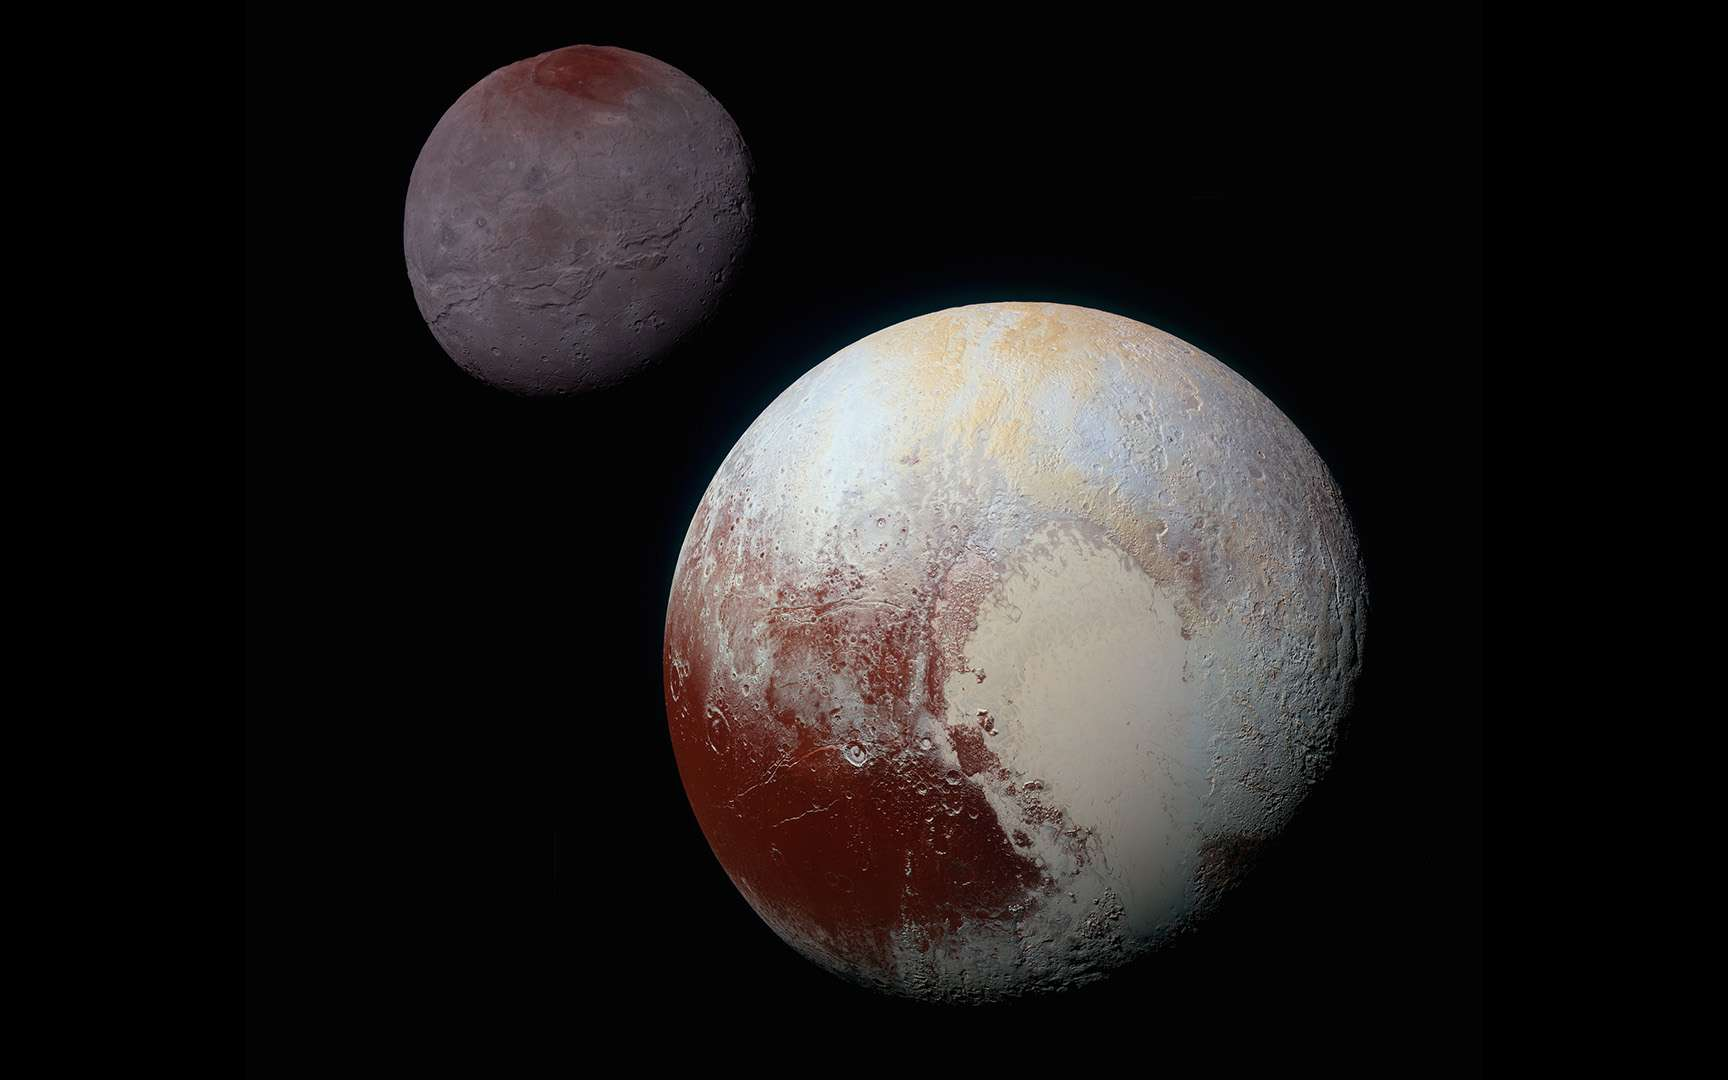 Vue globale de Pluton et Charon lors de la visite historique de la sonde New Horizons. © Nasa, SwRI, JHUAPL